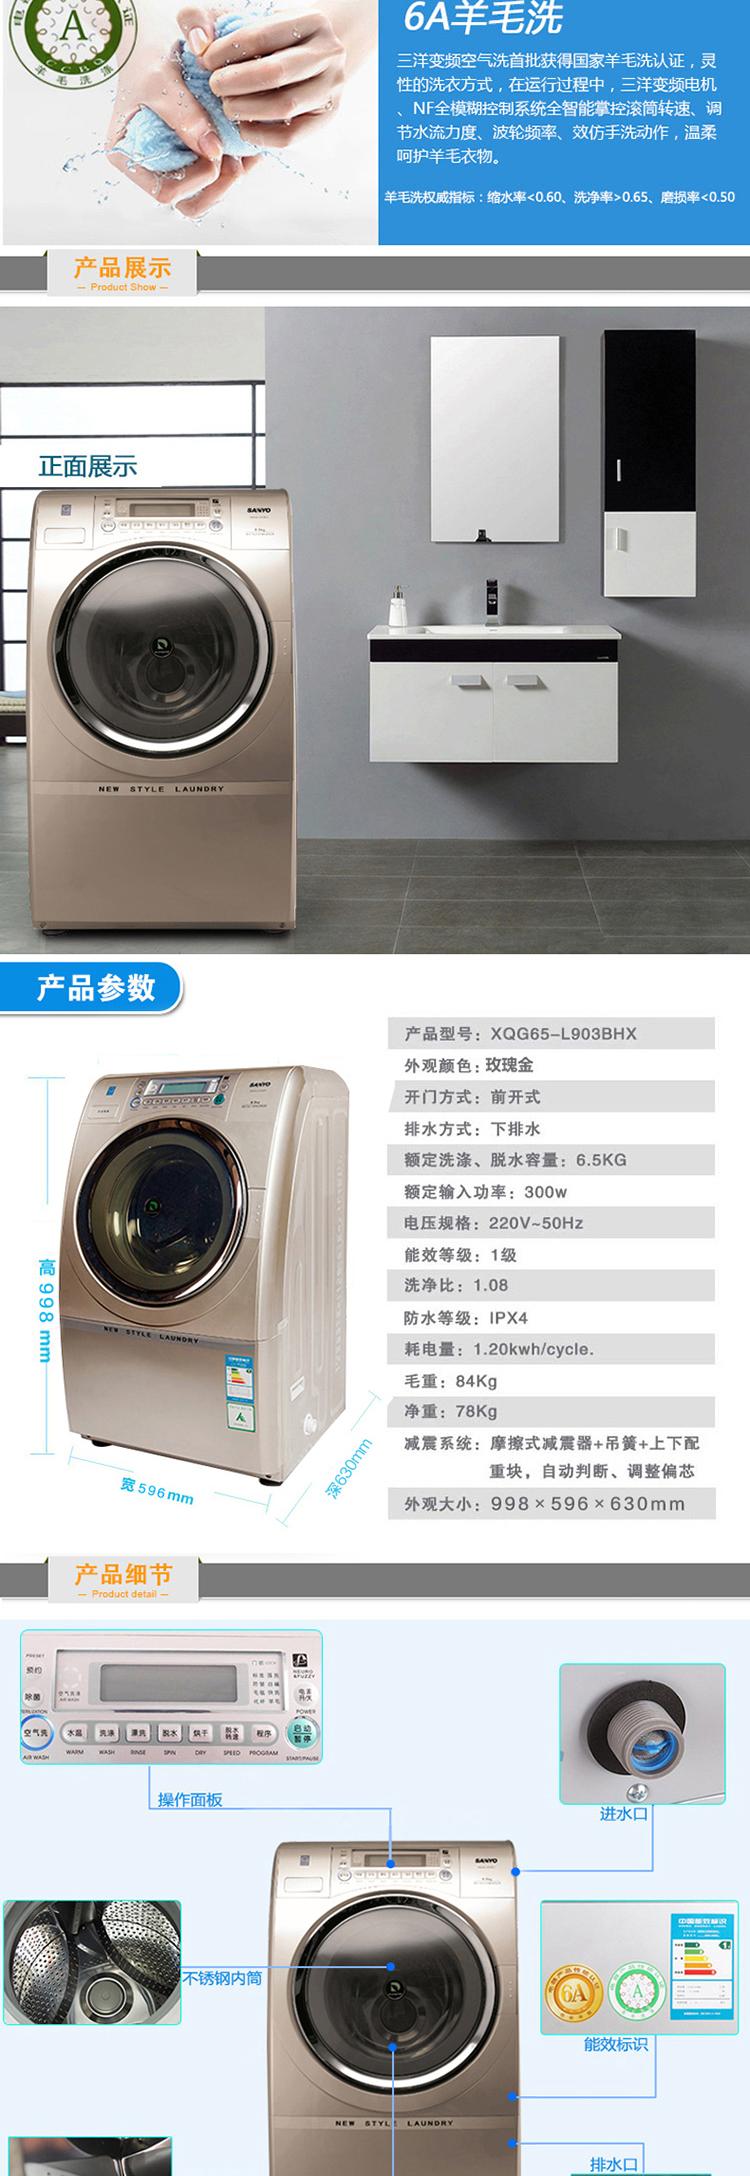 三洋(sanyo)|洗衣机,-三洋(sanyo)